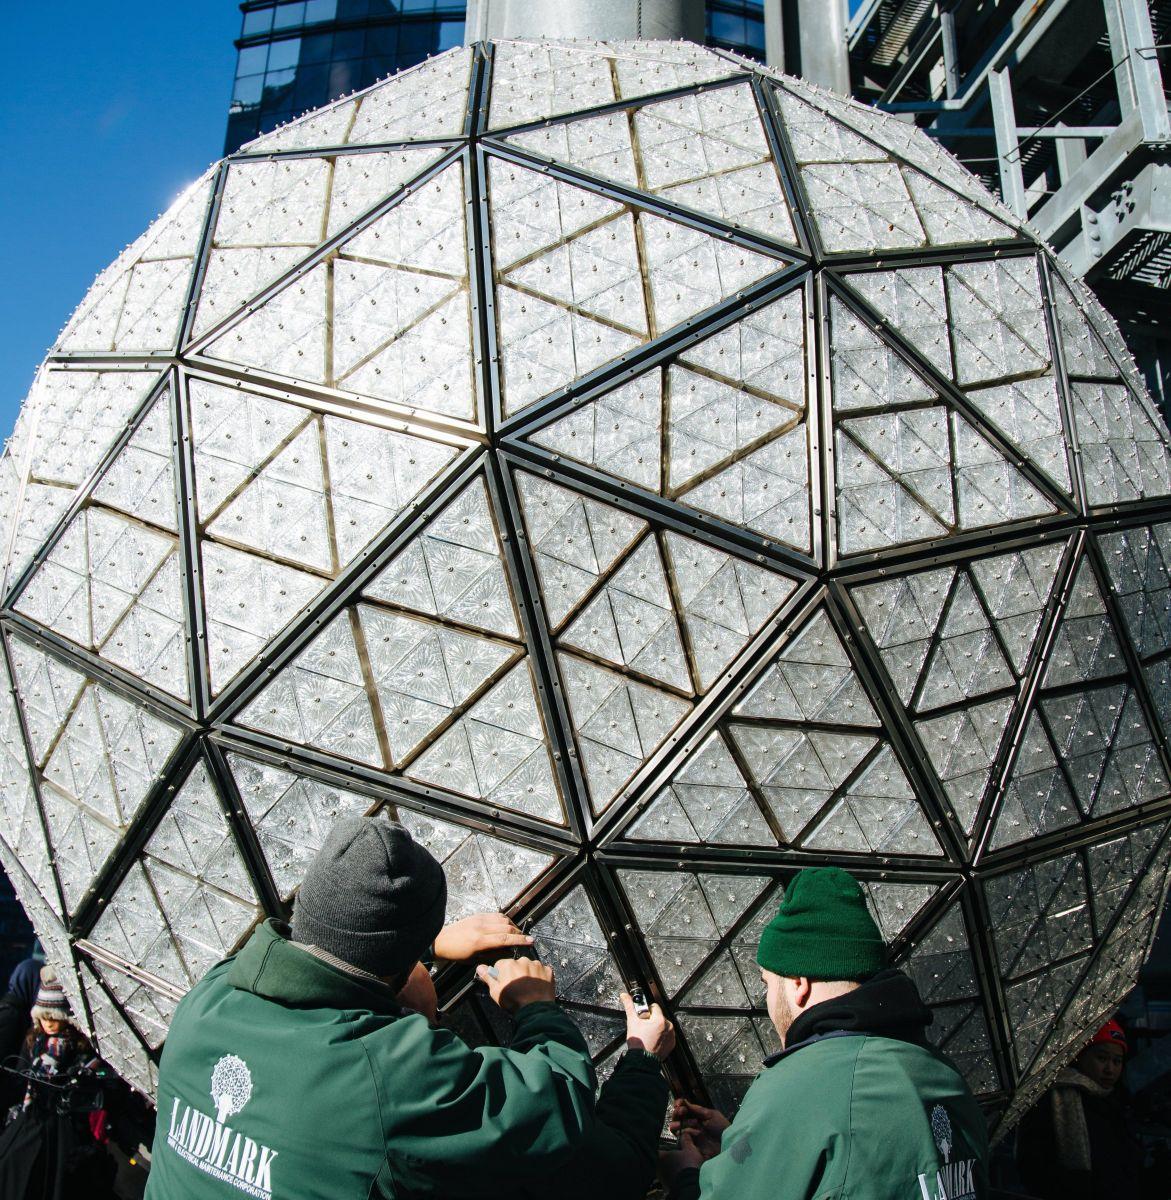 Instalan bola de cristal en Times Square para Año Nuevo